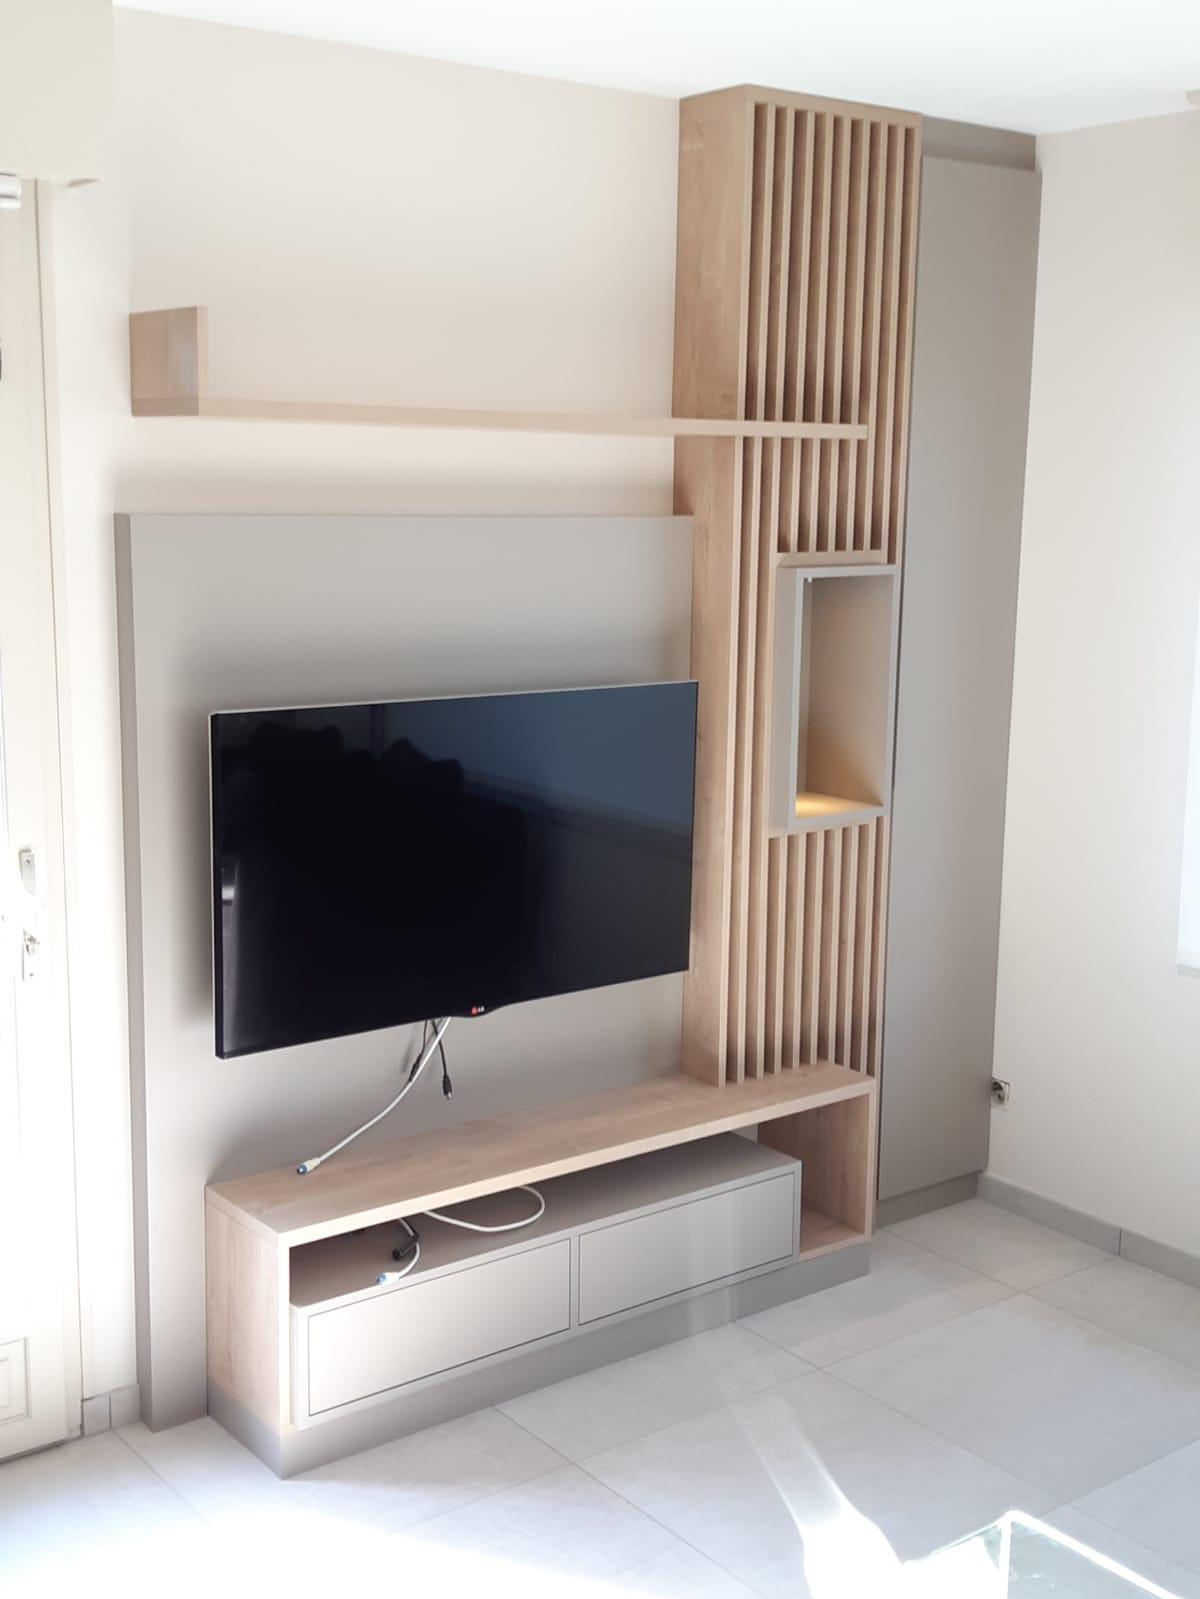 Sur cette photo, on voit le meuble tv sur mesure avec les parties destinées au rangement.